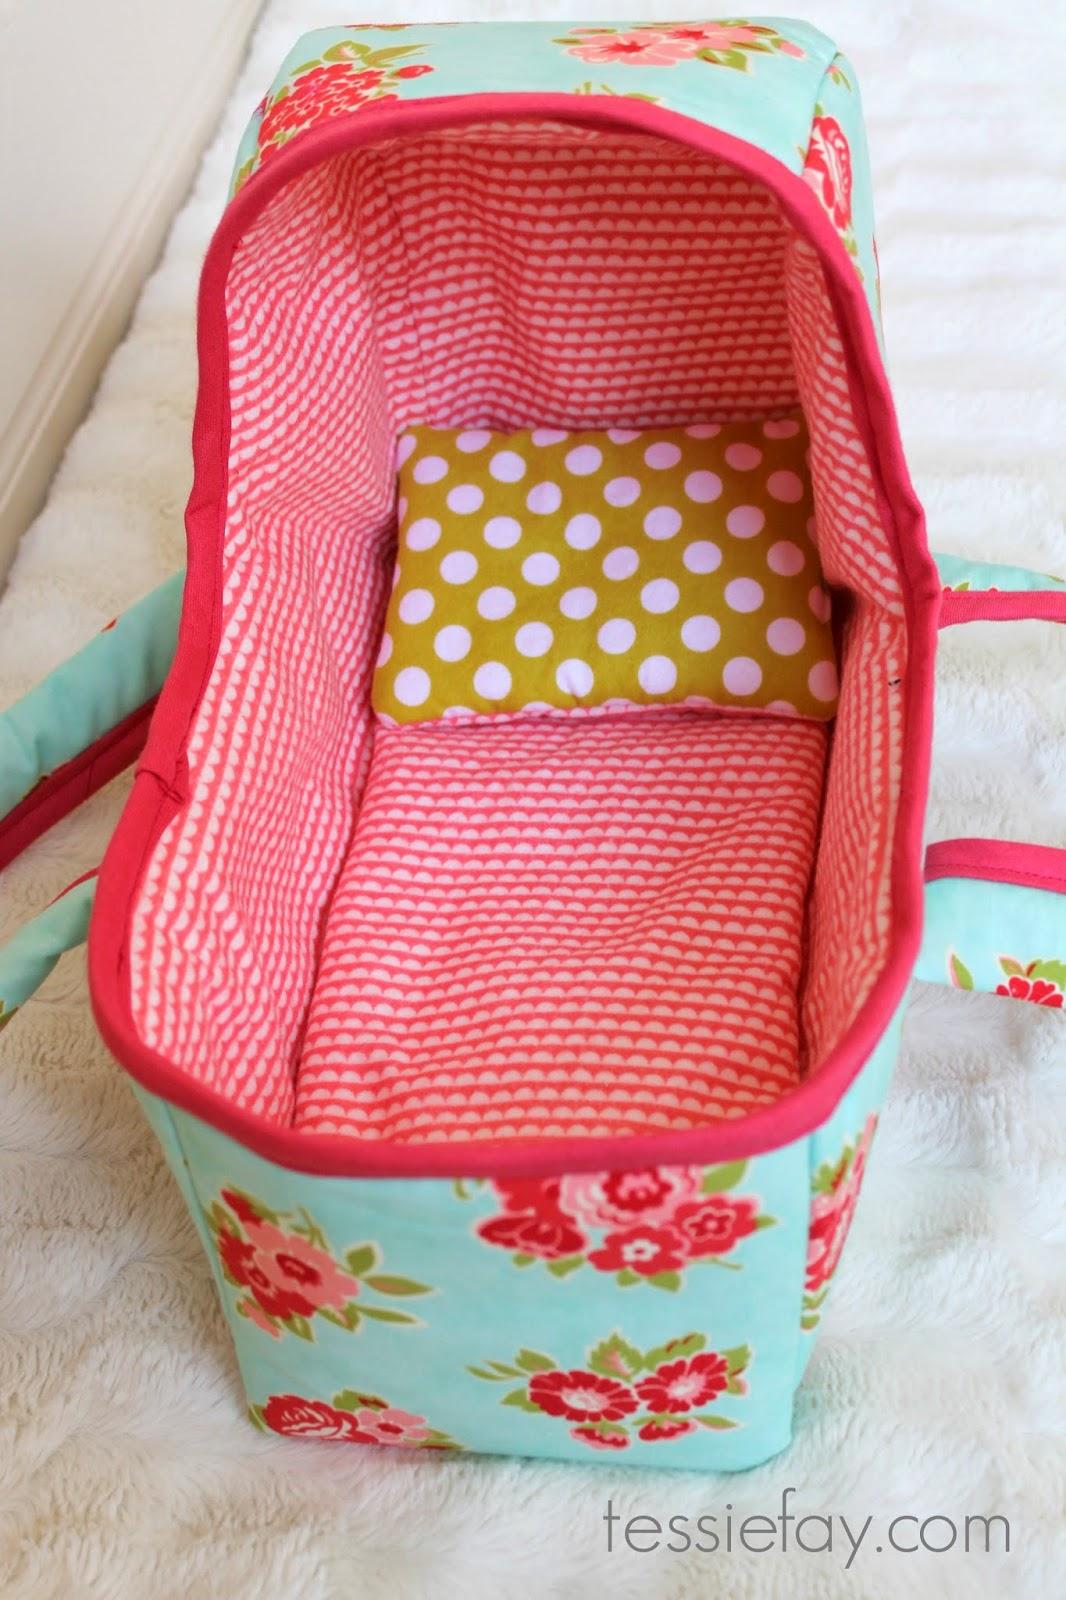 doll+basket+inside.jpg